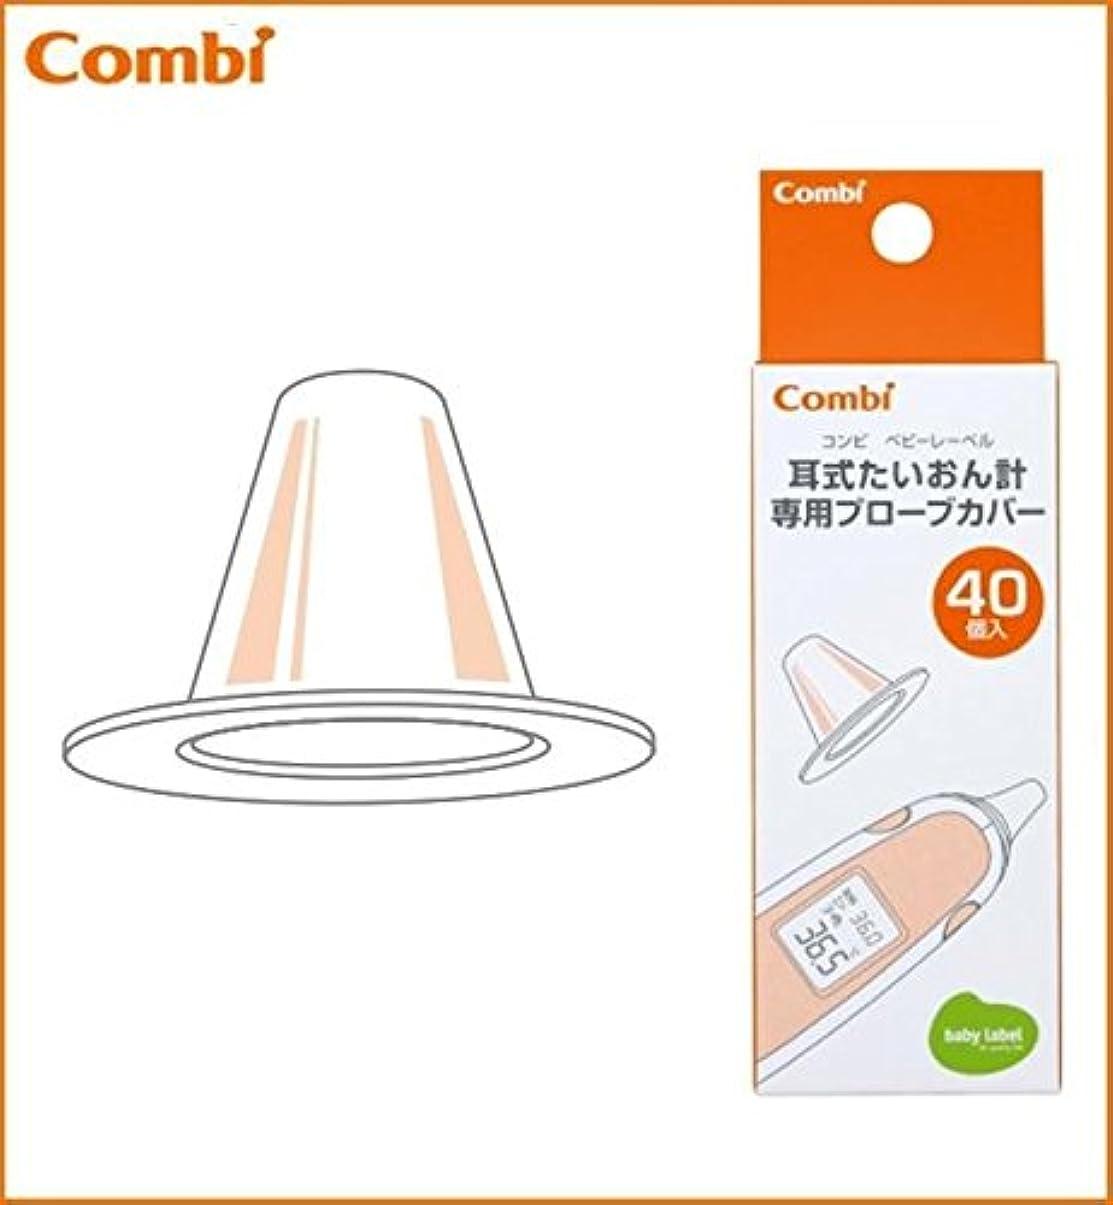 顔料予防接種するページCombi(コンビ) ベビーレーベル 耳式たいおん計 専用プローブカバー 40個入り